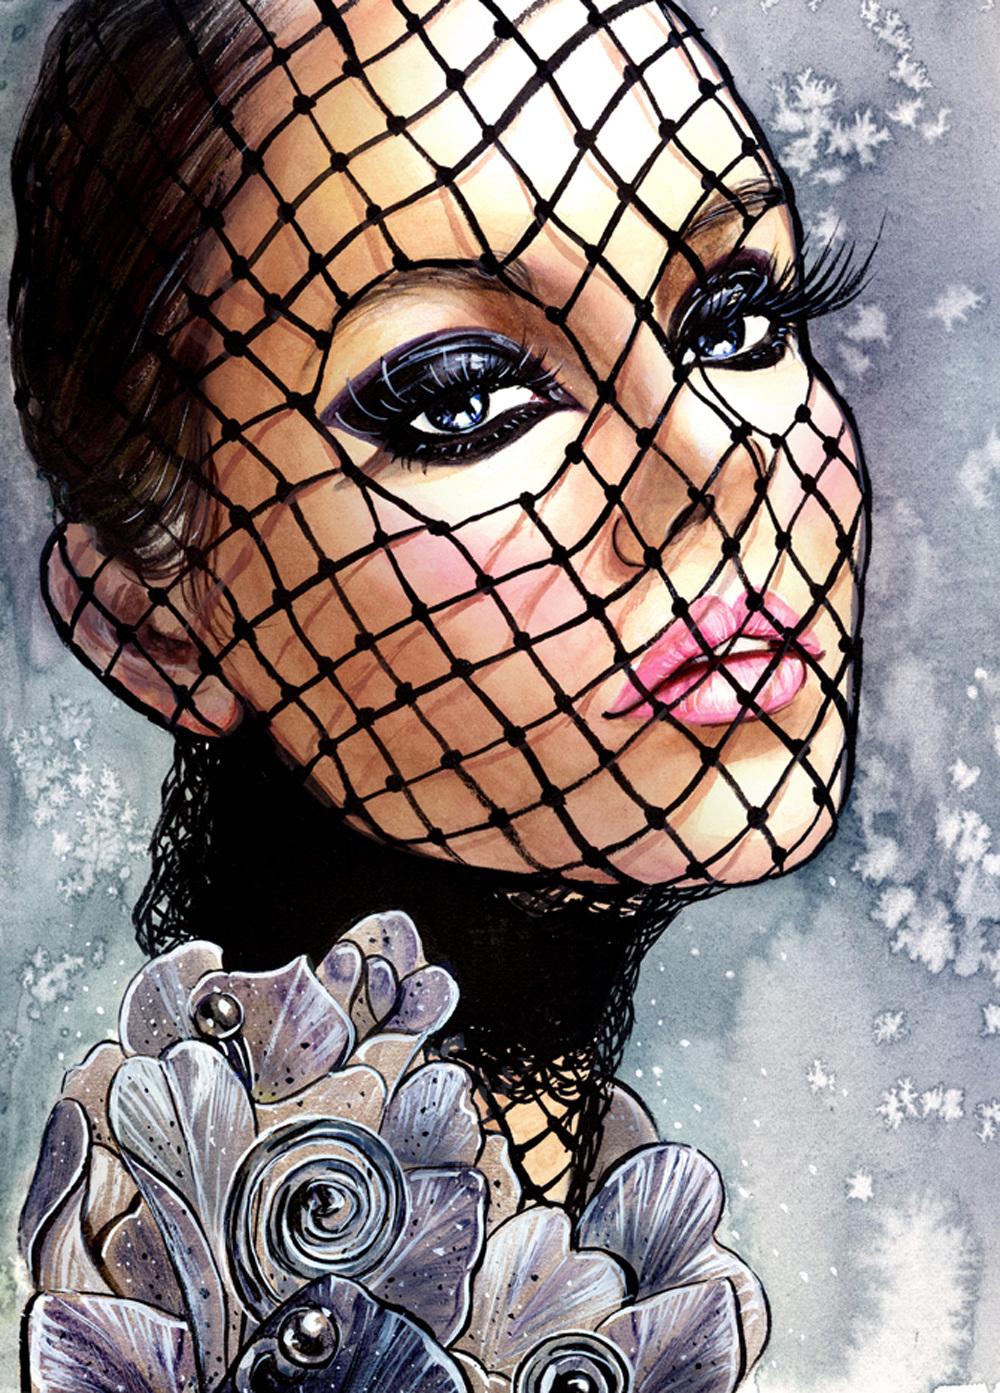 sunnygu_eli_beauty_illustration_1_1000.jpg